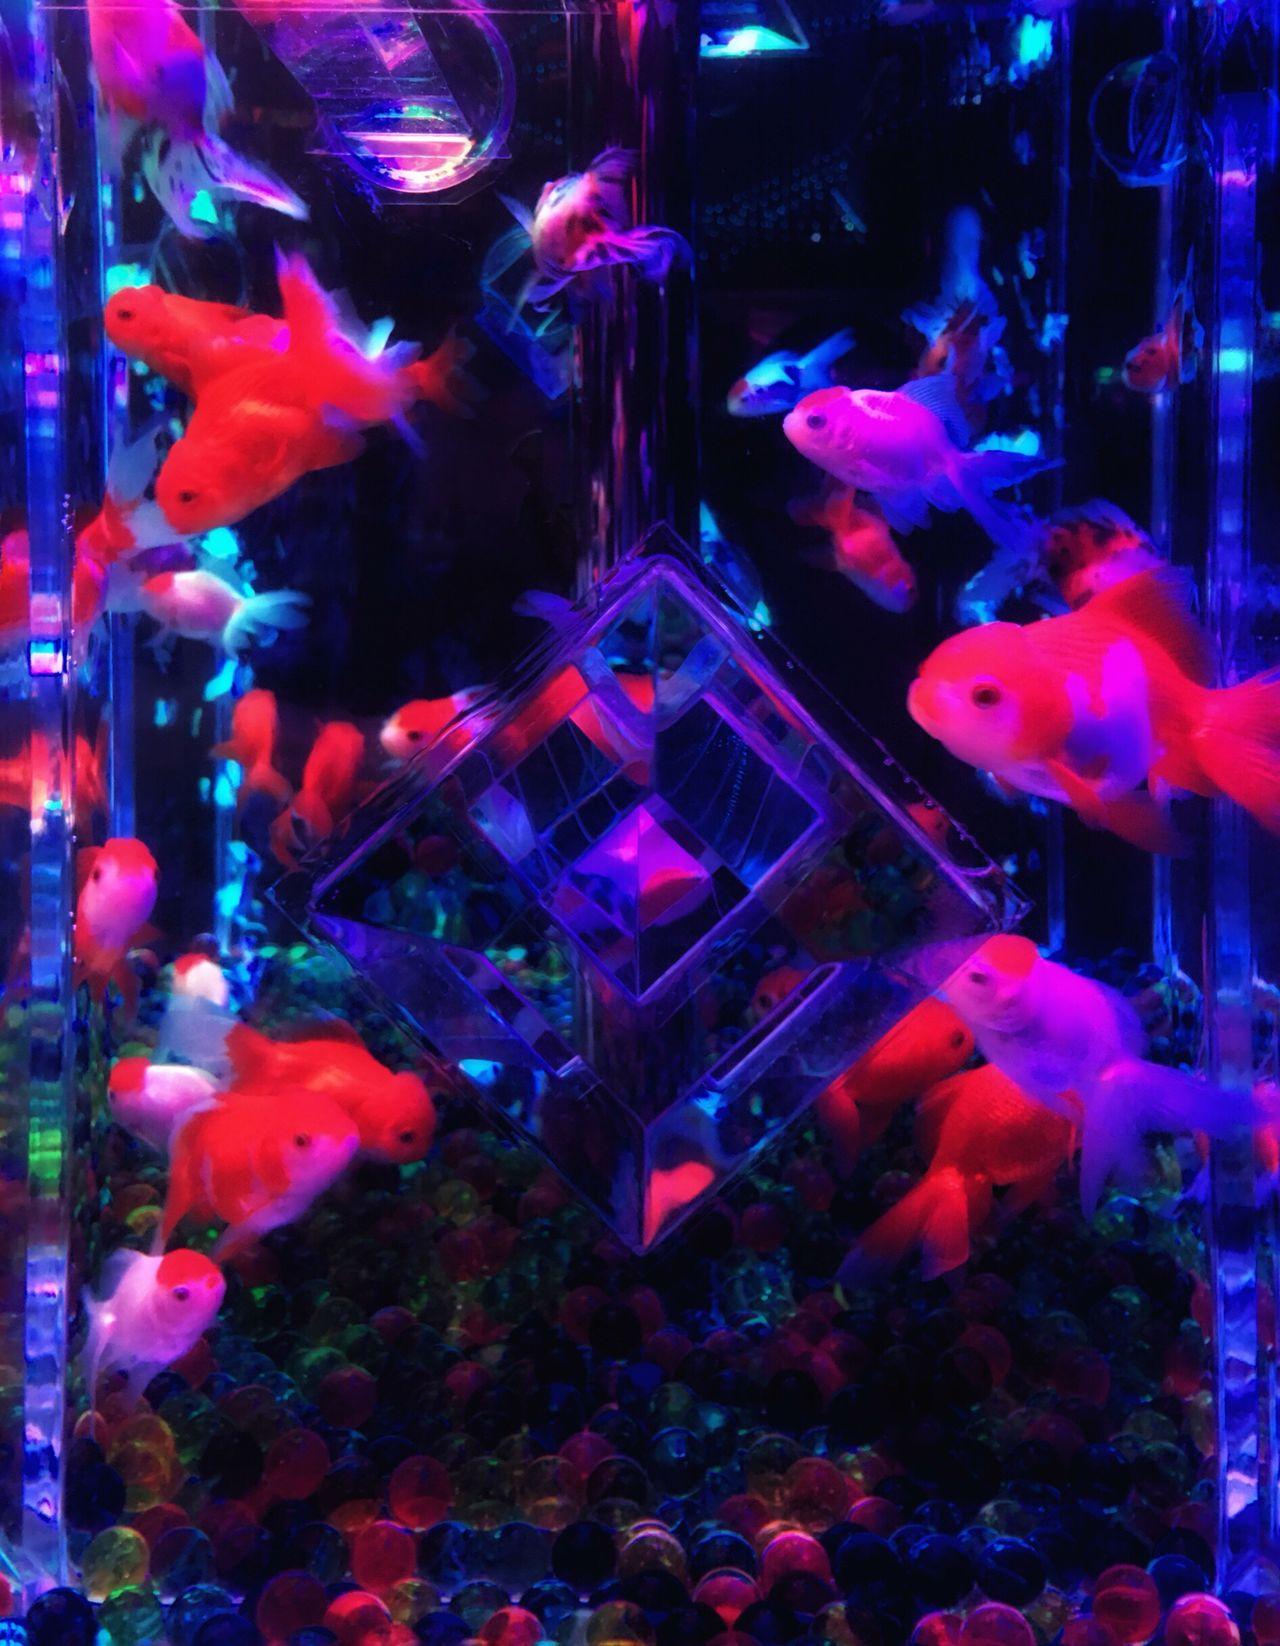 アートアクアリウムの世界で Multi Colored Swimming Large Group Of Animals Animal Themes Aquarium No People Indoors  Sea Life Day First Eyeem Photo